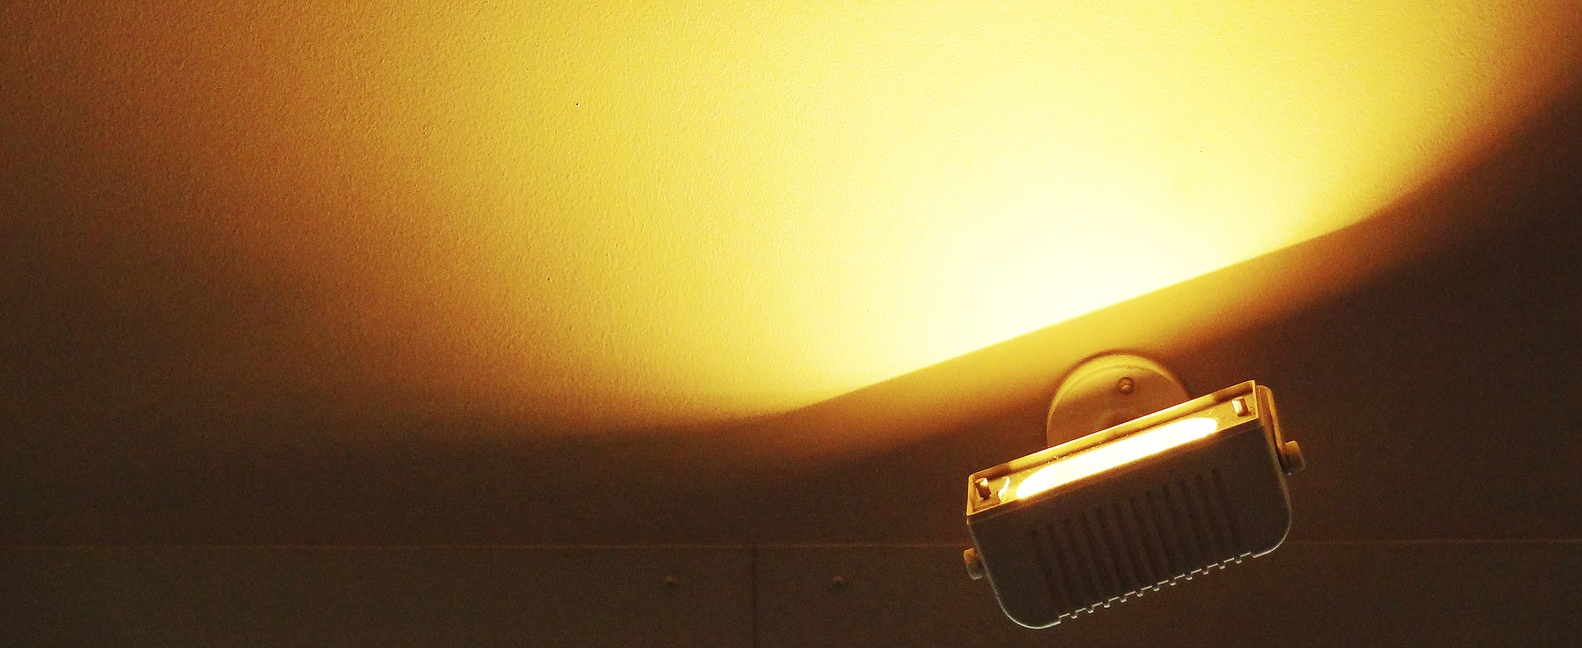 Indirekte Beleuchtung Für Ihr Zuhause Vigedode